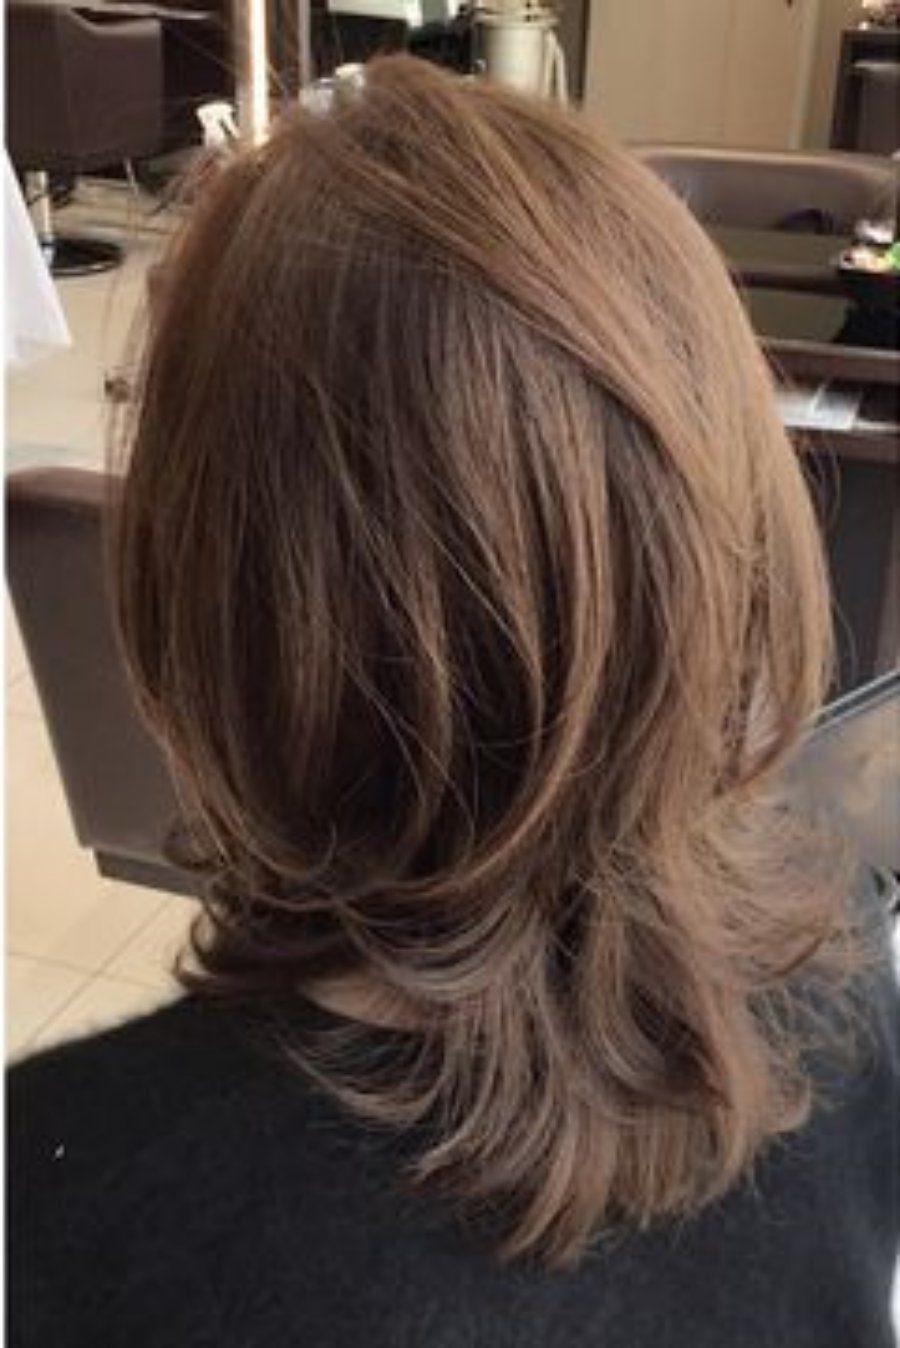 Bem na foto: 12 cortes de cabelo médio repicado